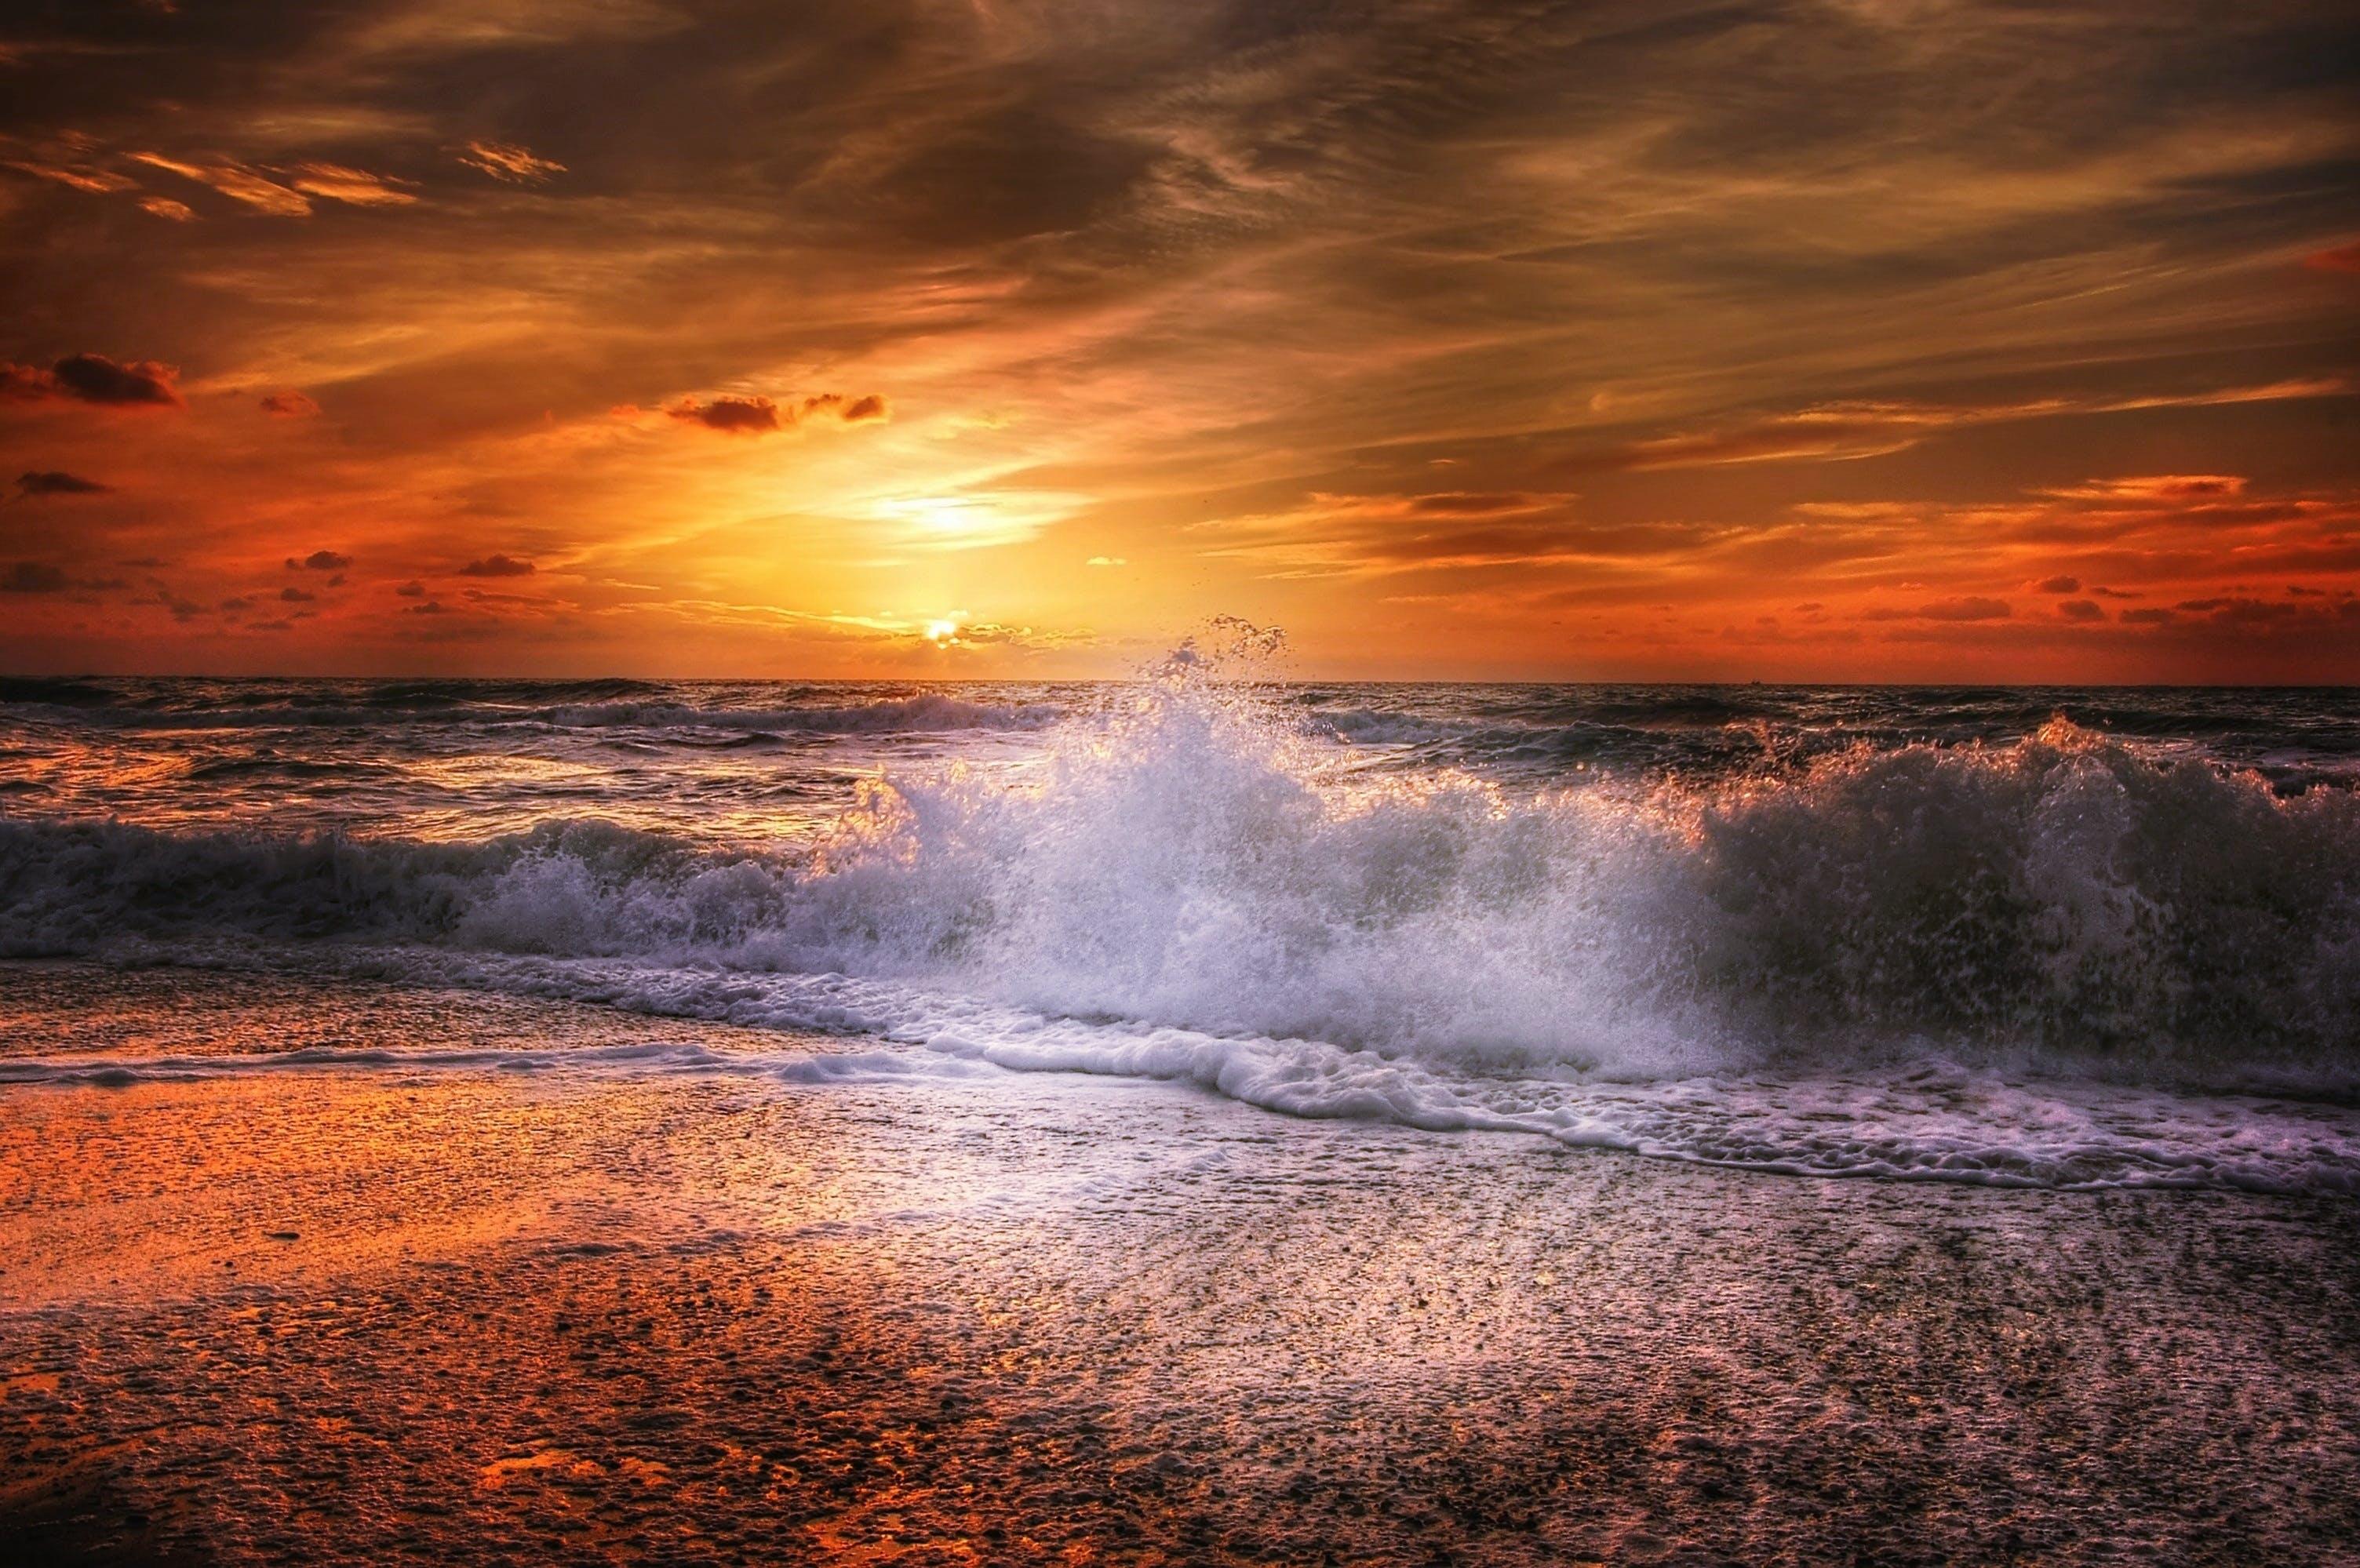 Landscape Photography of Coast